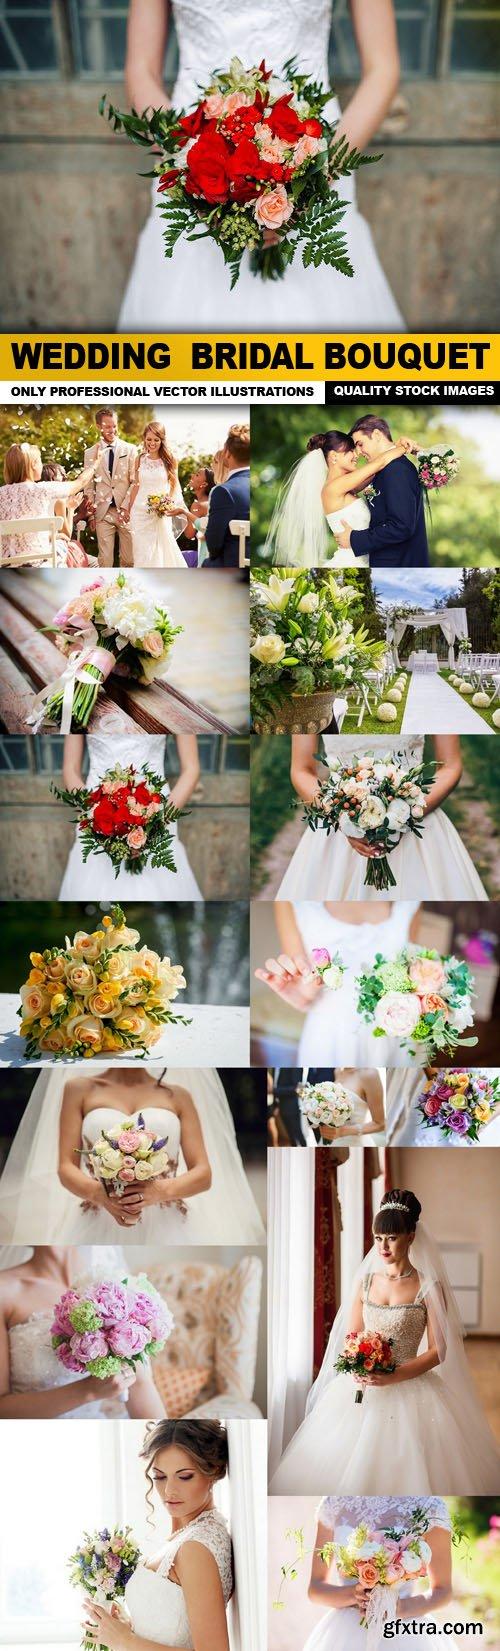 Wedding Bridal Bouquet - 15 HQ Images